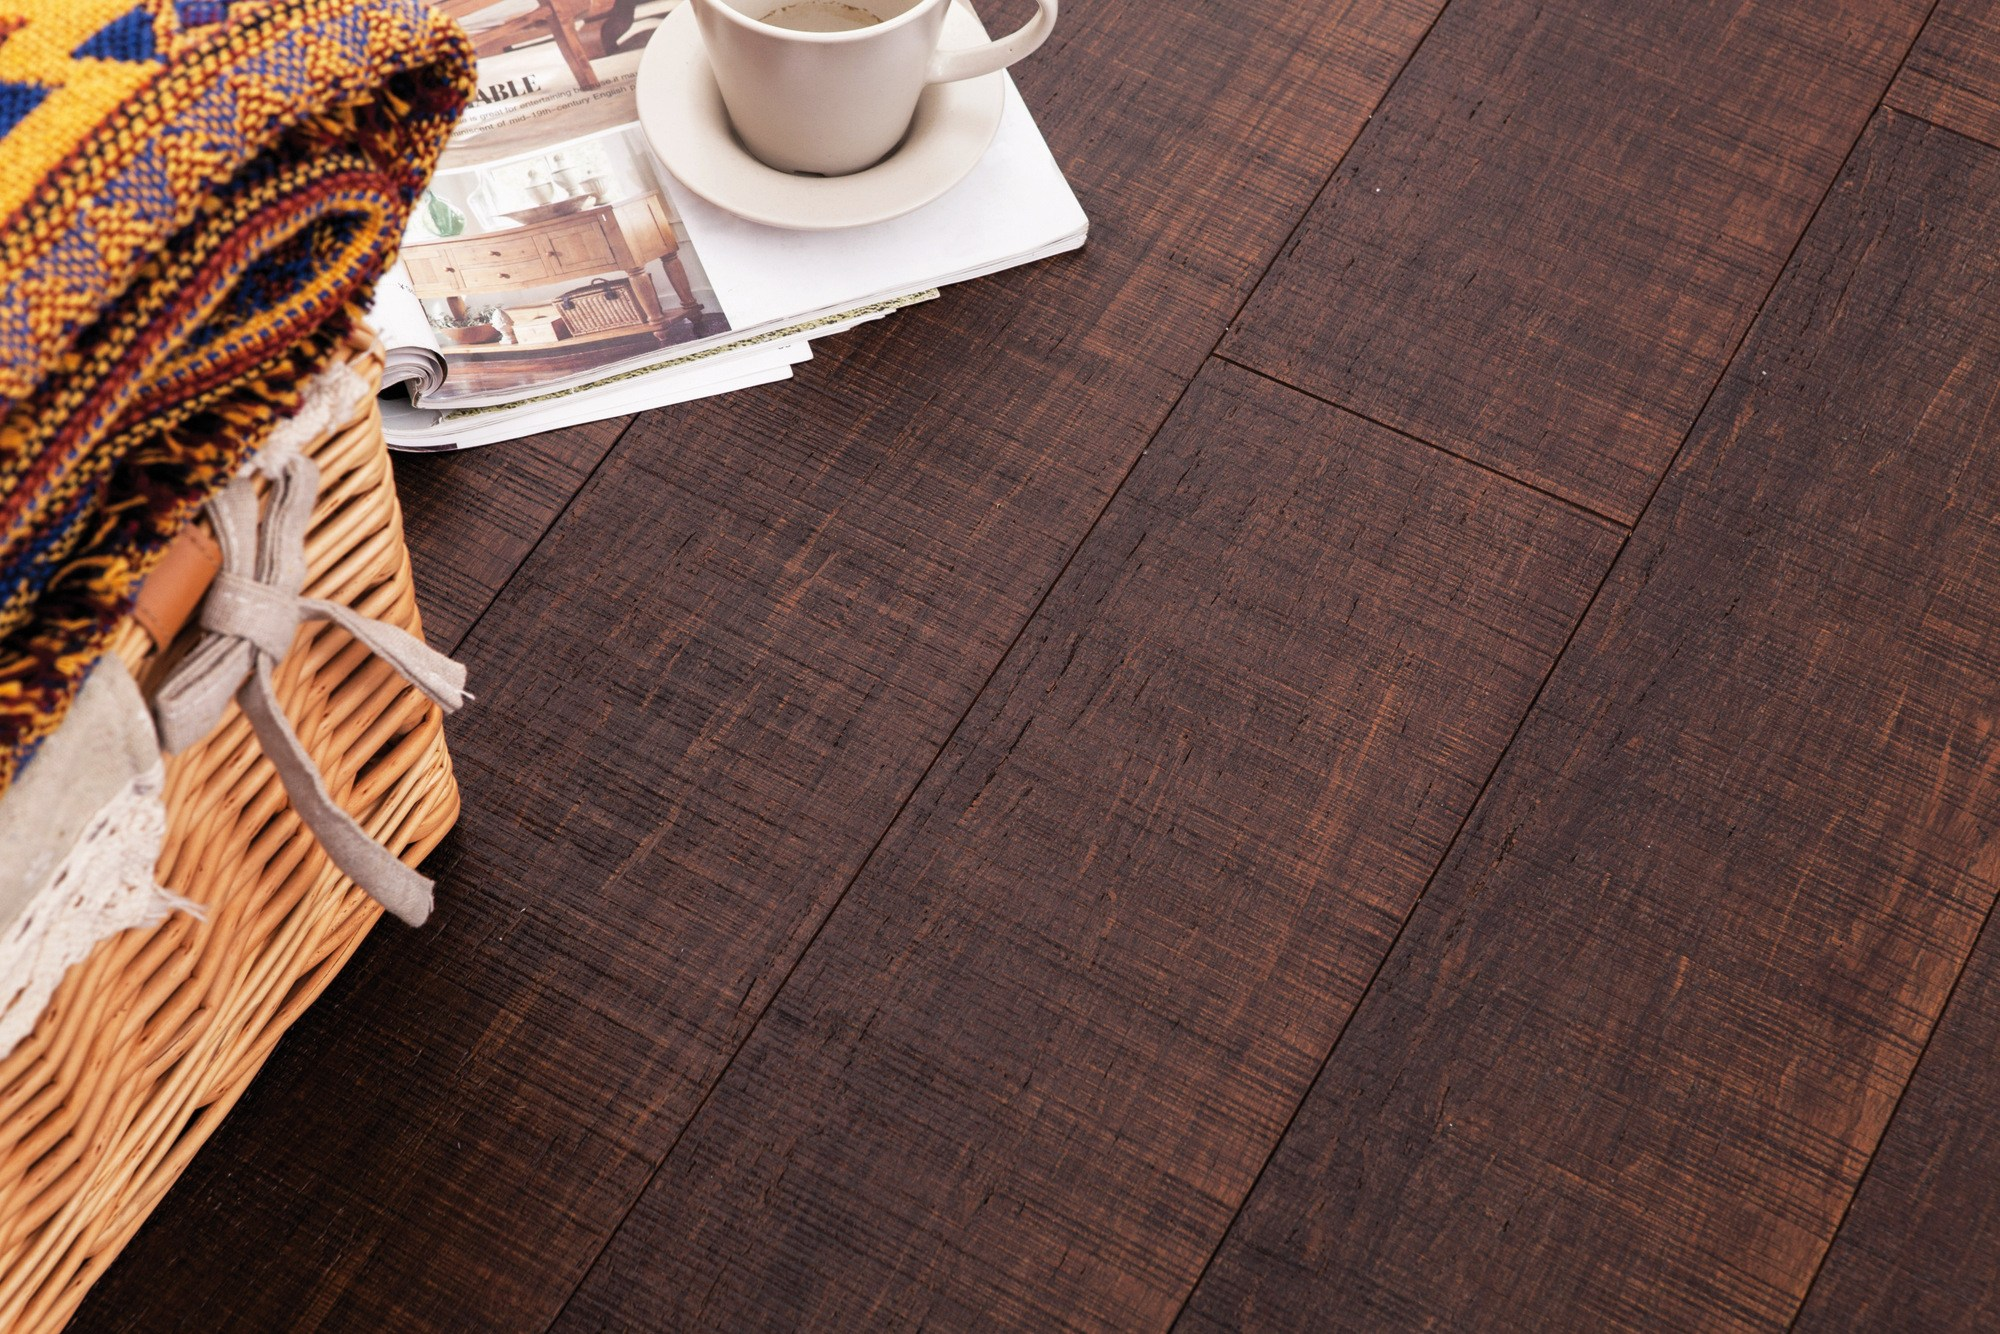 houten vloeren startpagina voor vloerbedekking ideeà n uw vloer